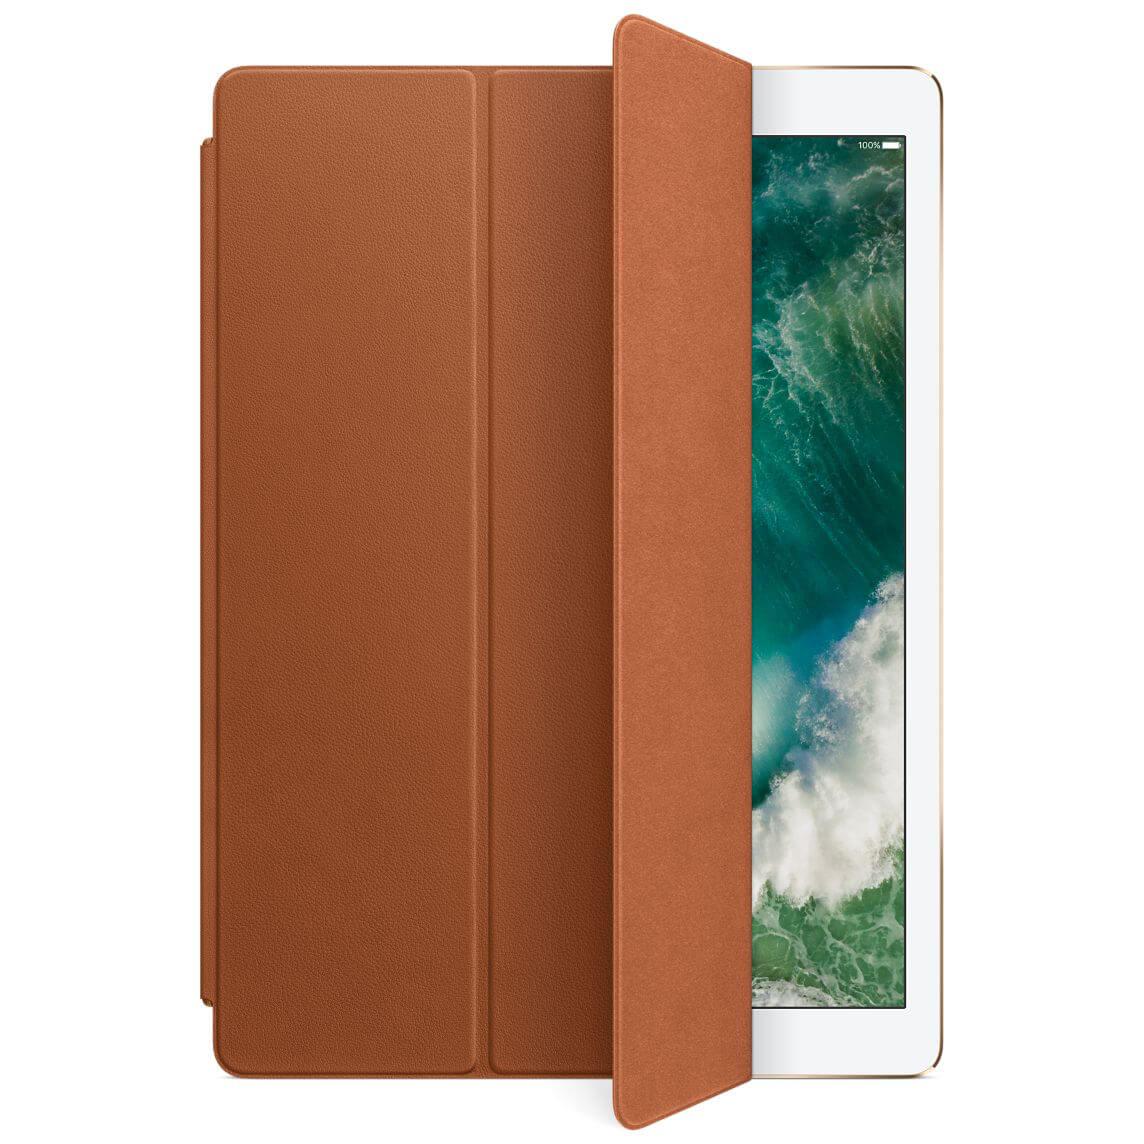 Nahkainen Smart Cover 12,9 tuuman iPad Prolle - satulanruskea